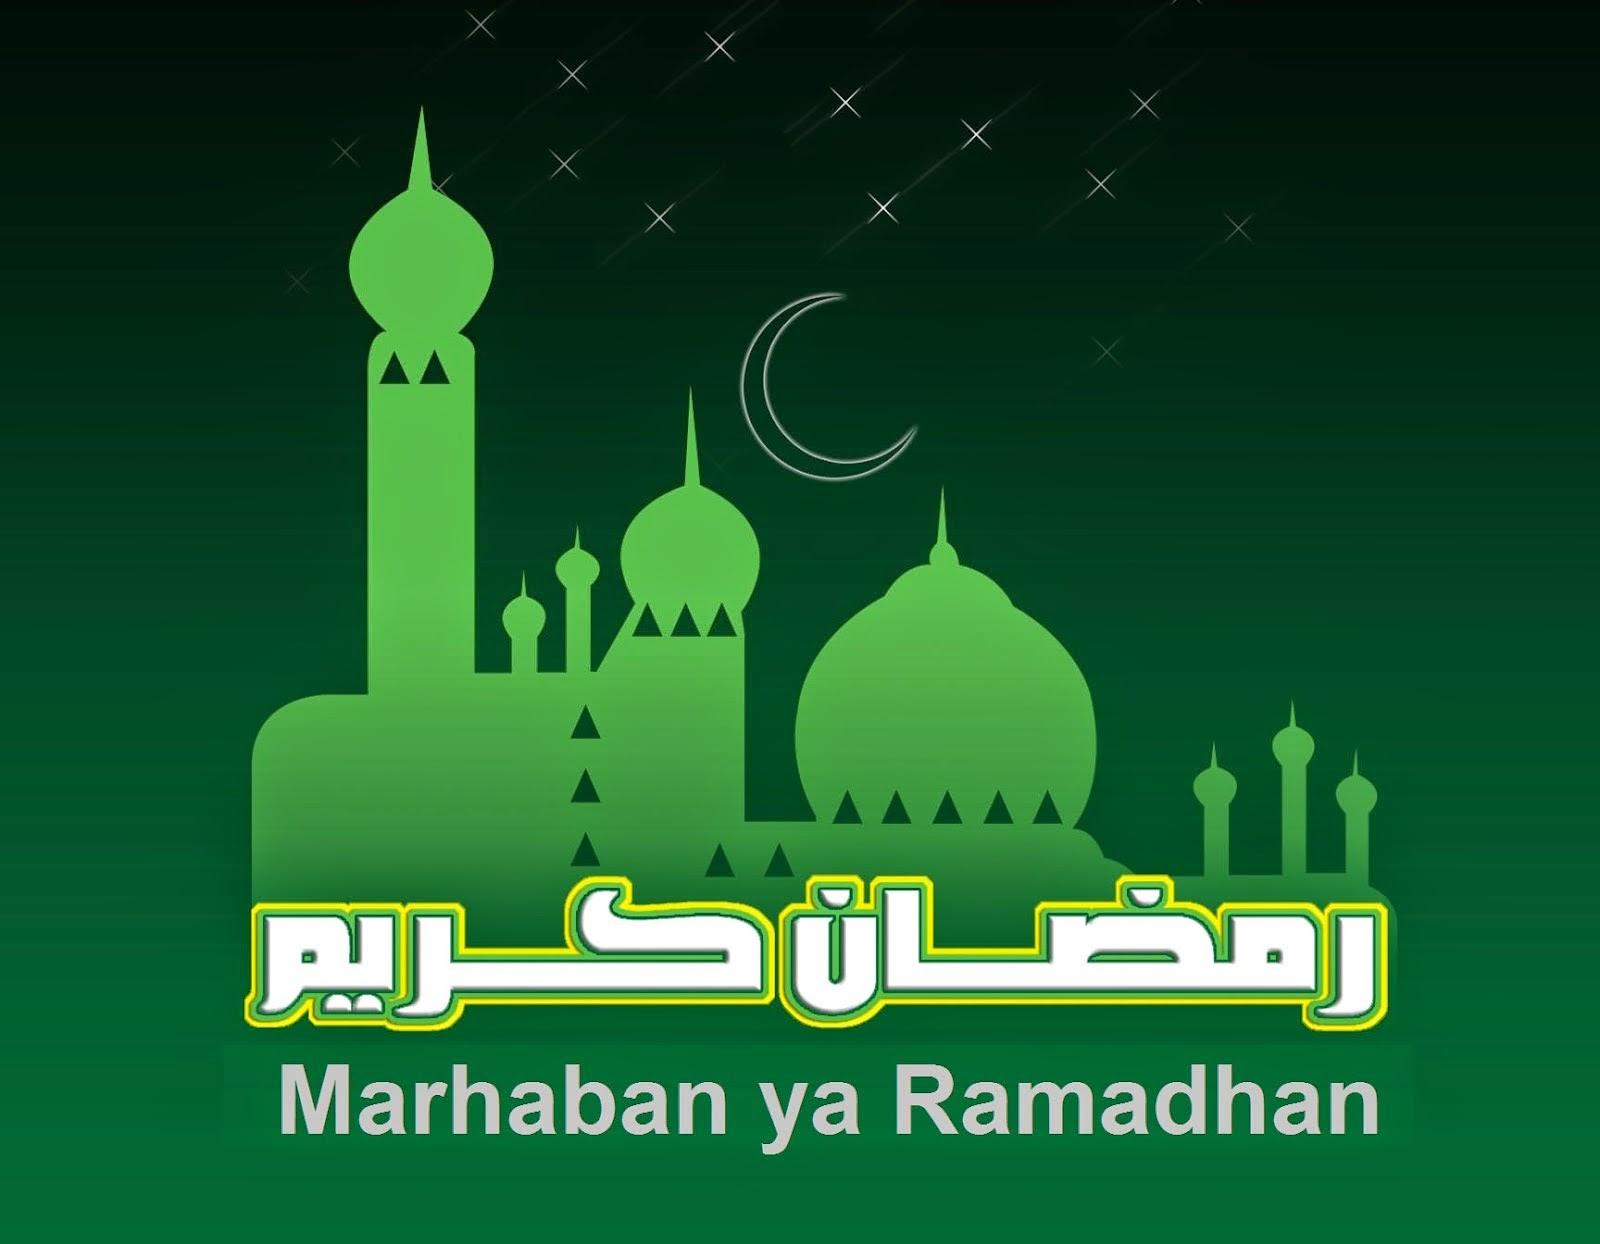 21 Gambar Gambar Ramadhan Images Kata Mutiara Terbaru